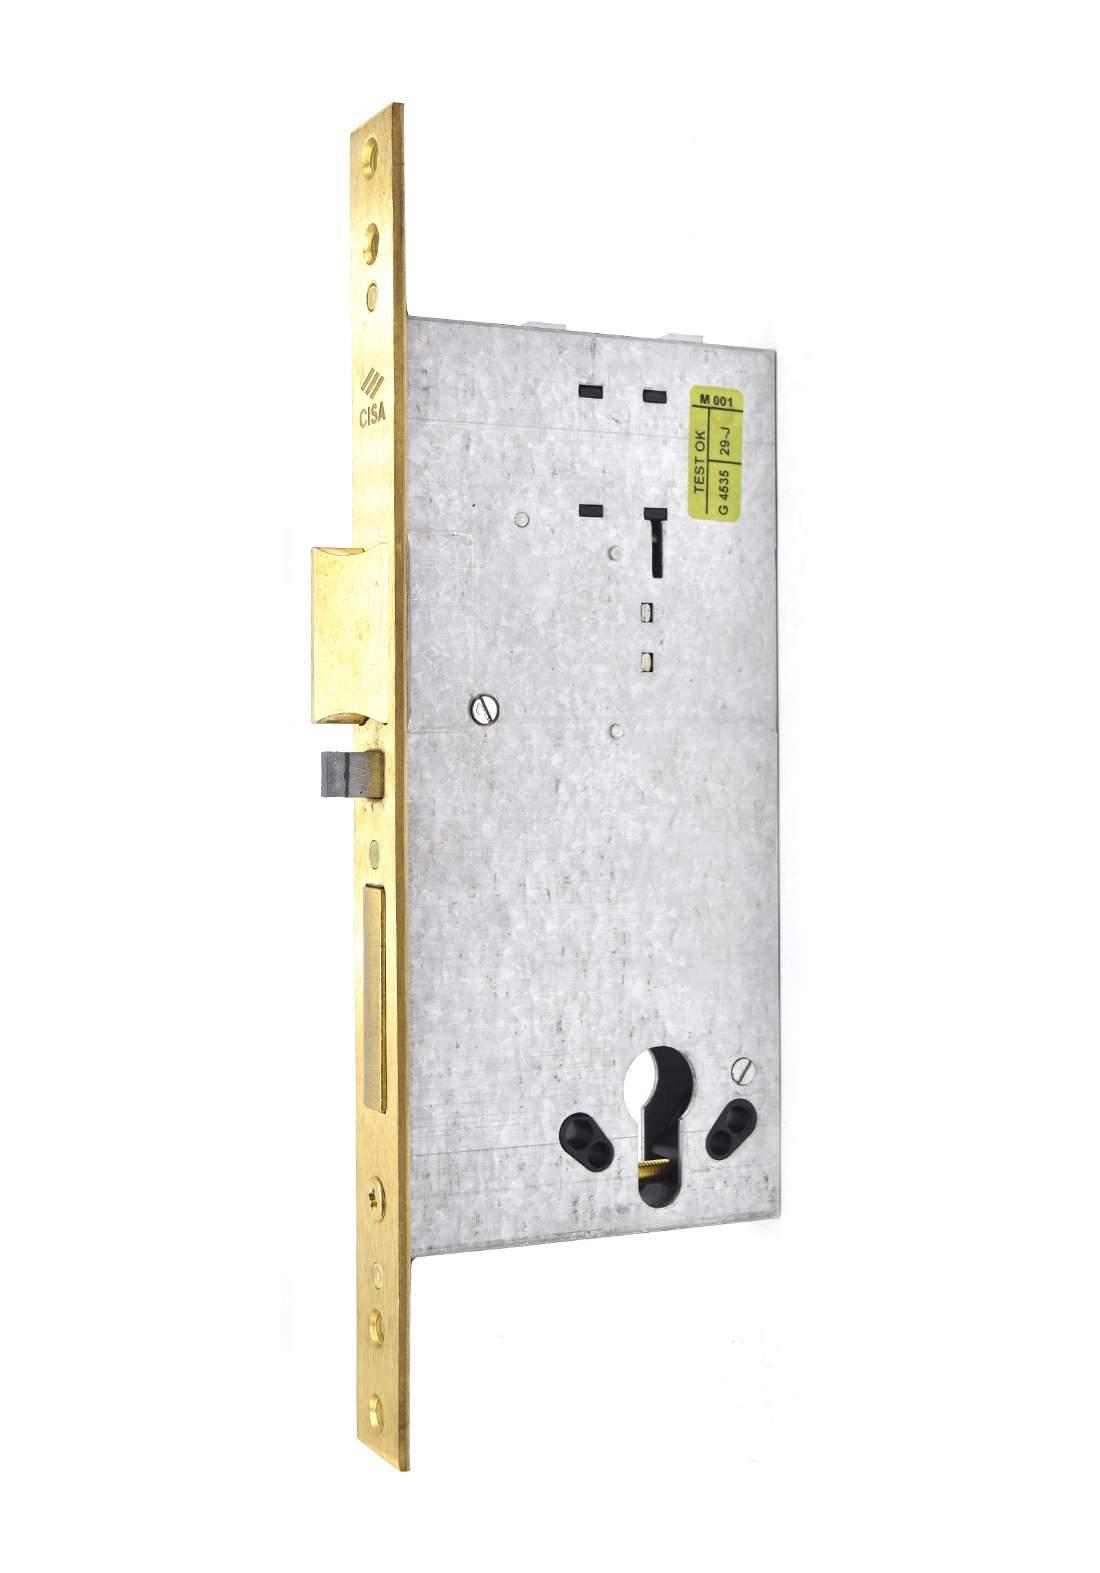 Cisa 5C110-60 Door Lock 60 mm قفل باب